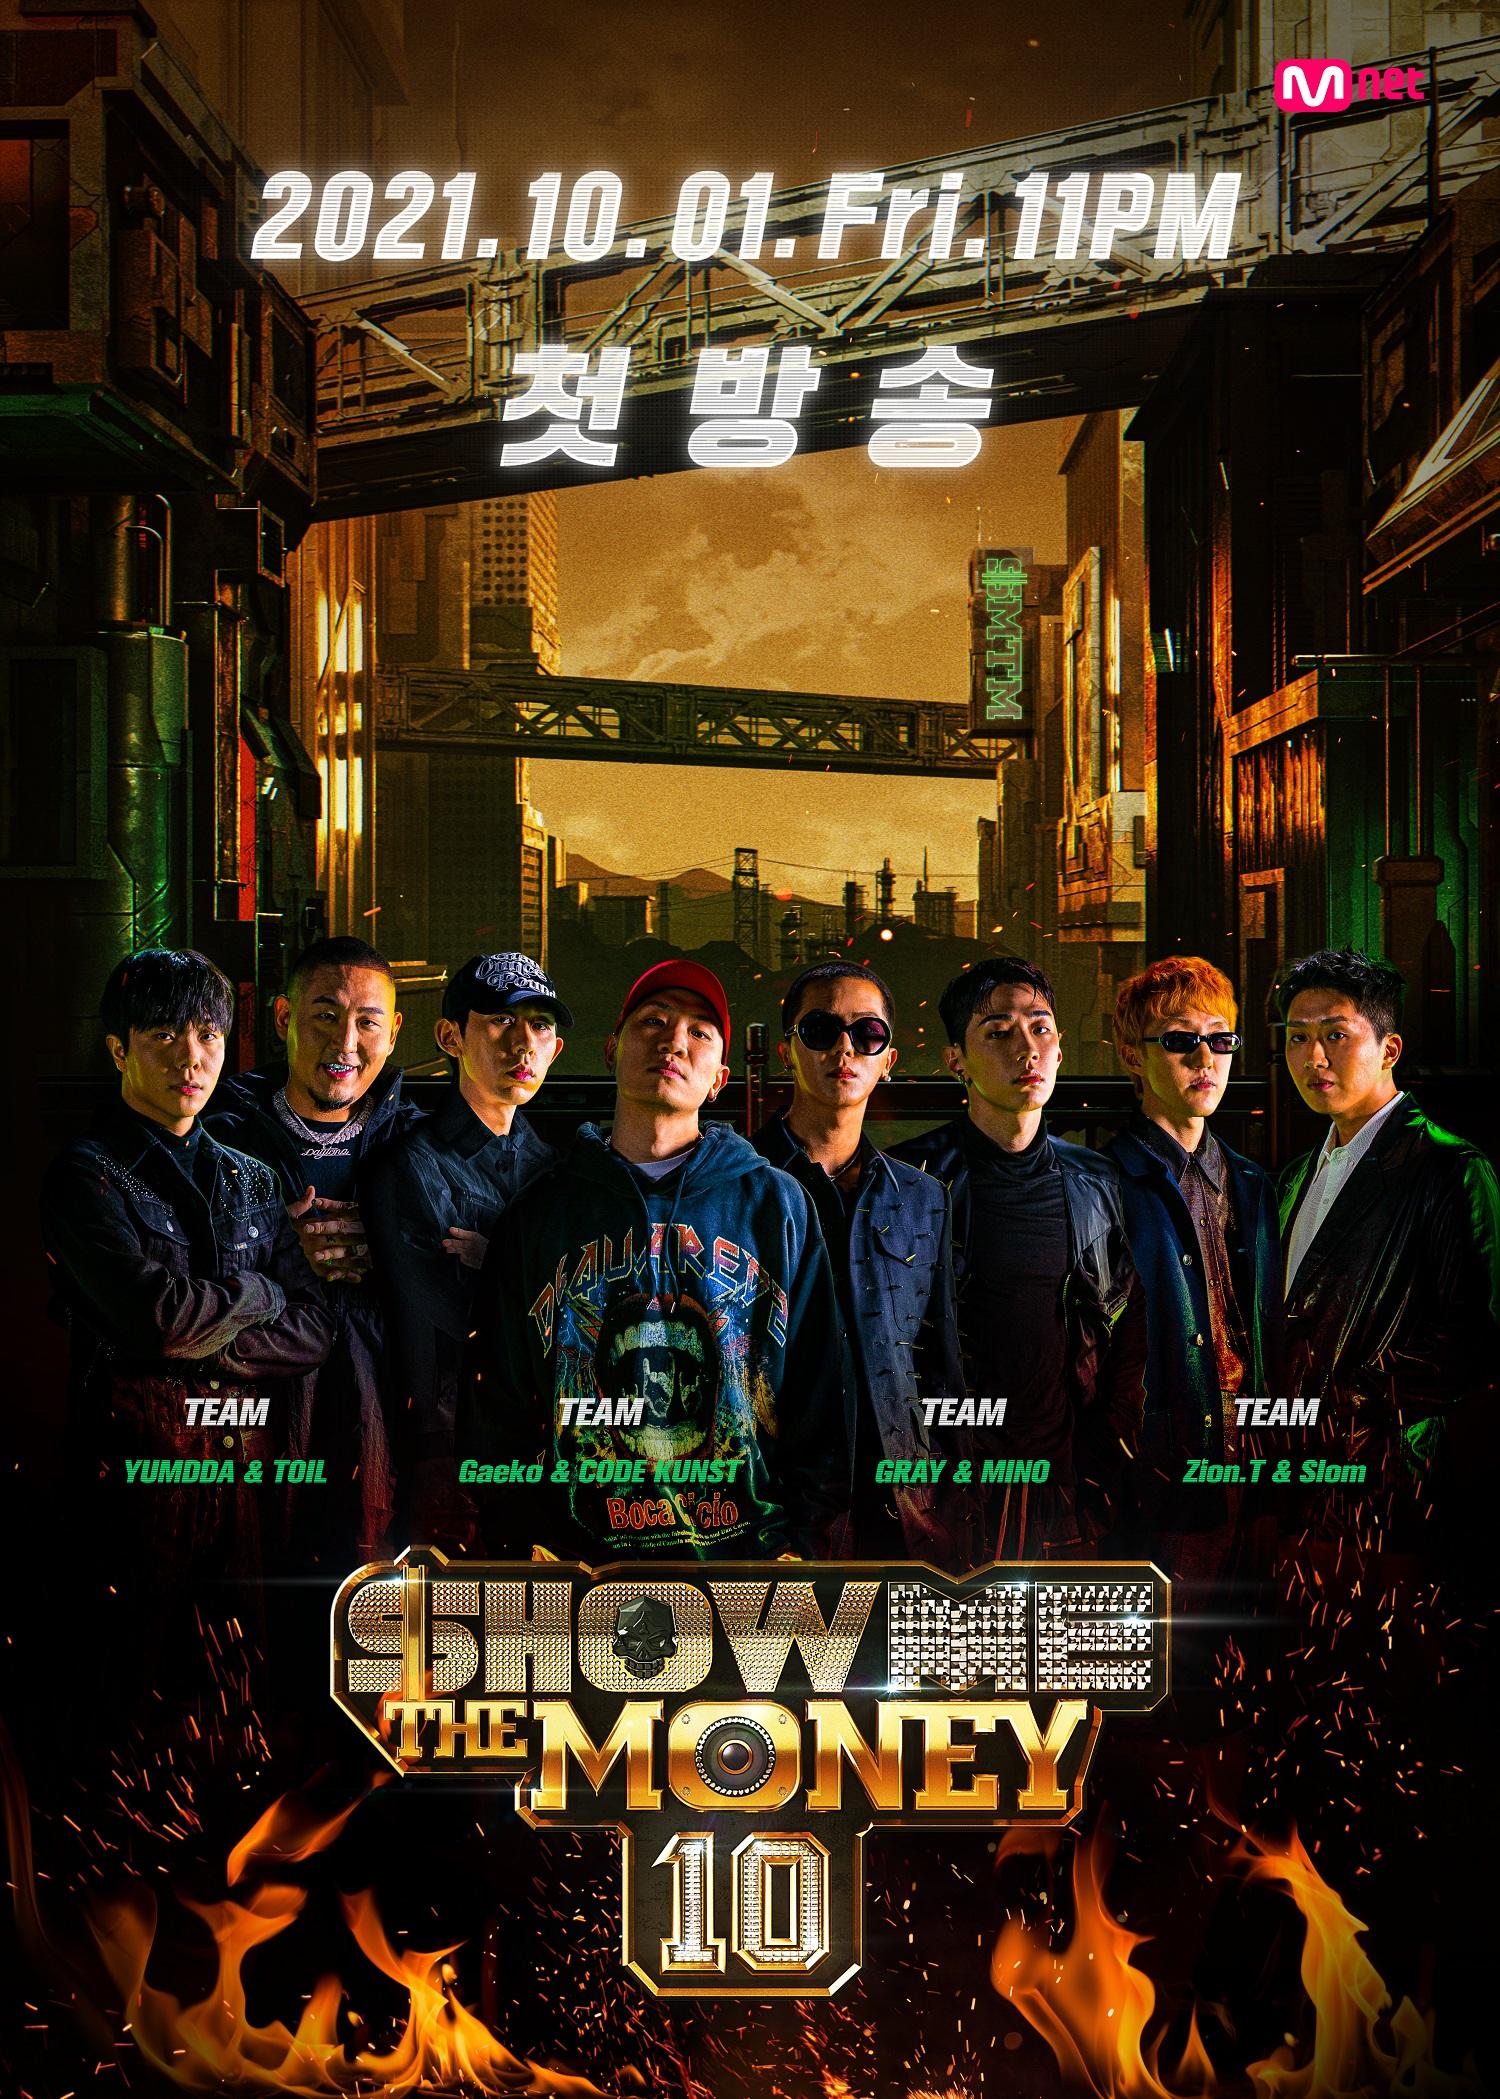 '쇼미10' 공식 포스터 공개…킹메이커 프로듀서 라인업 완성